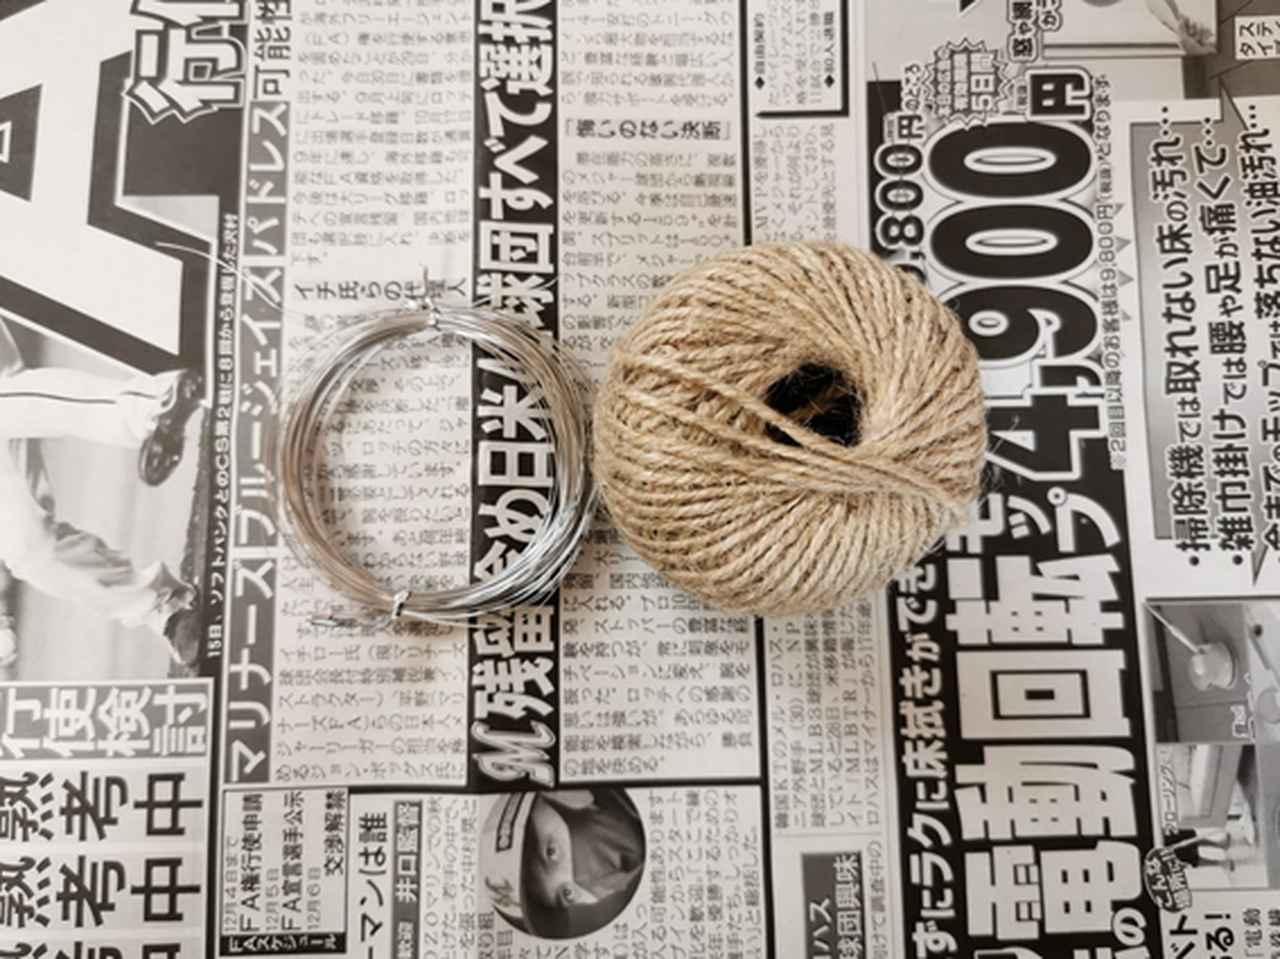 画像: 縄作り用の材料として「針金&麻ヒモ」を準備 (筆者撮影)